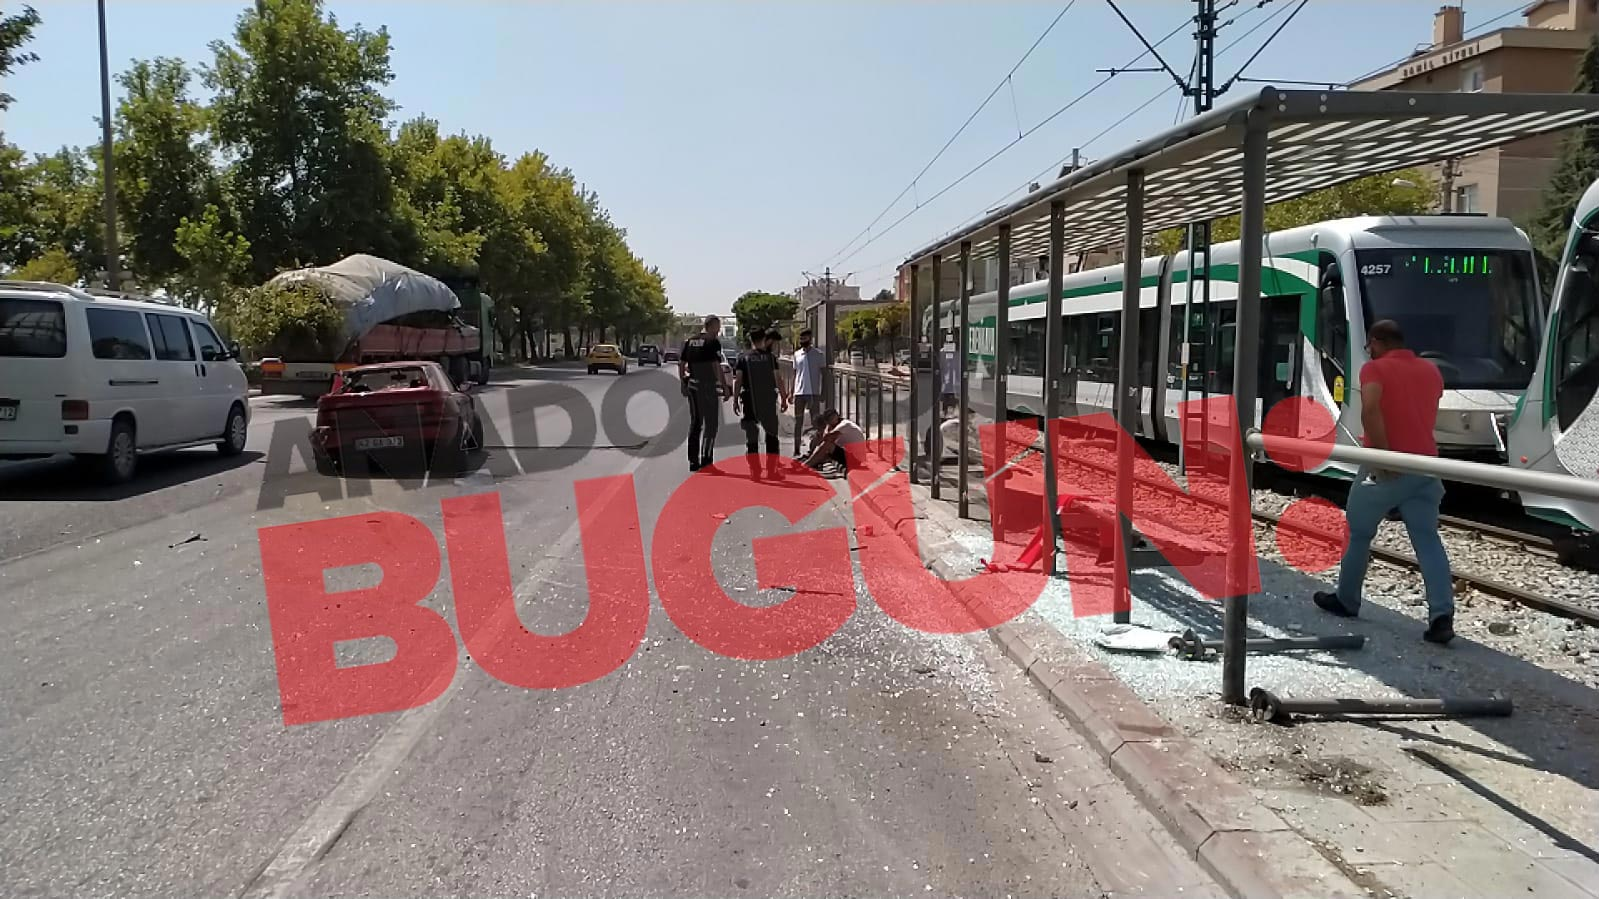 direksiyon-hakimiyetini-kaybeden-surucu-tramvay-duragina-girdi-001.jpg